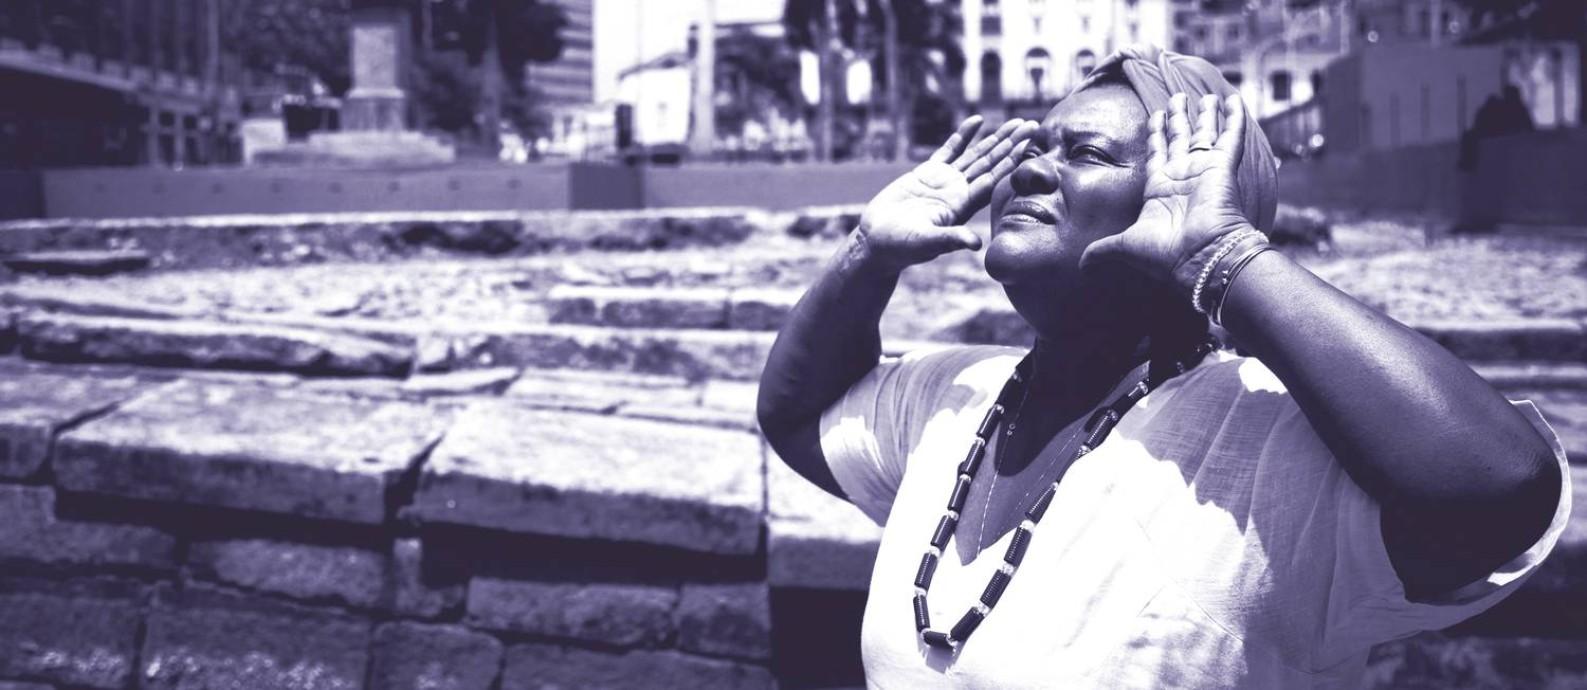 """Mãe Celina de Xangô, ialorixá de 56 anos, no Ilê Inzo Nganga dia Nzaze, localizado na chamada """"Pequena África"""", na Zona Portuária do Rio de Janeiro Foto: Fernando Lemos / Agência O Globo"""